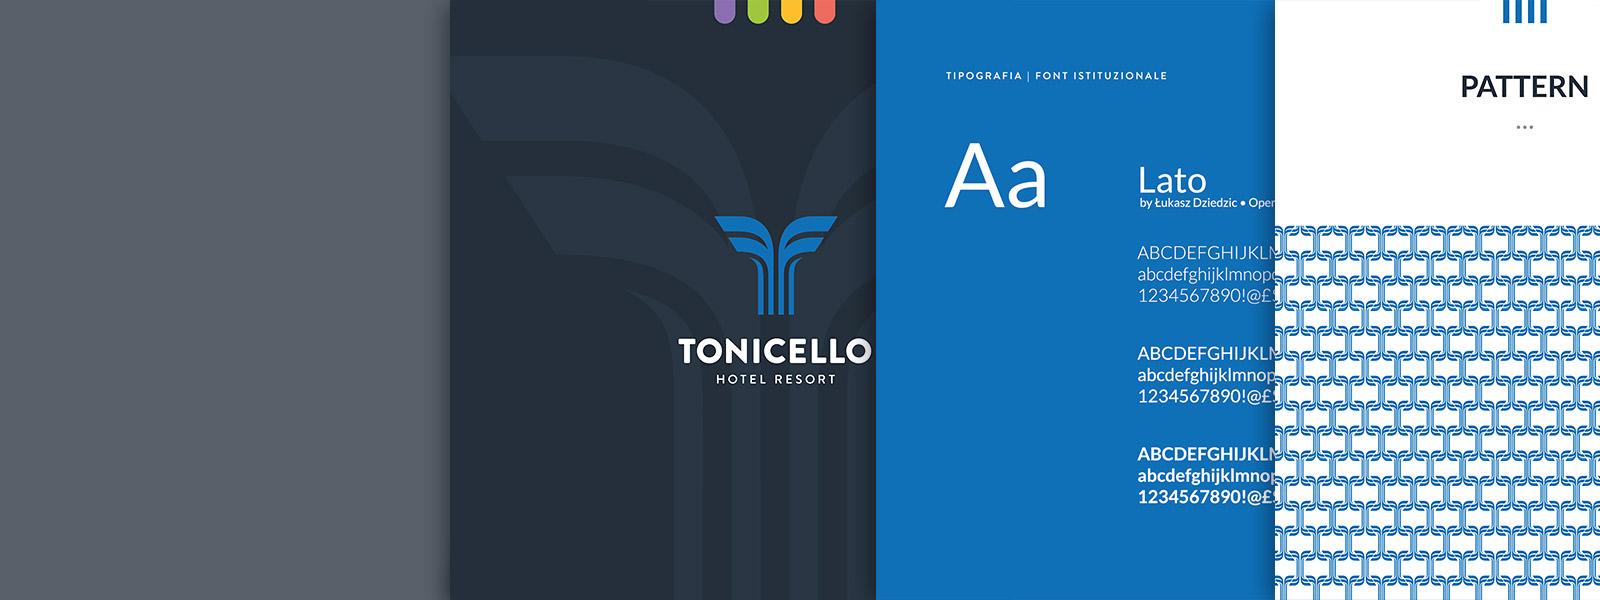 Muse Comunicazione - Tonicello: Brand e Logo Design